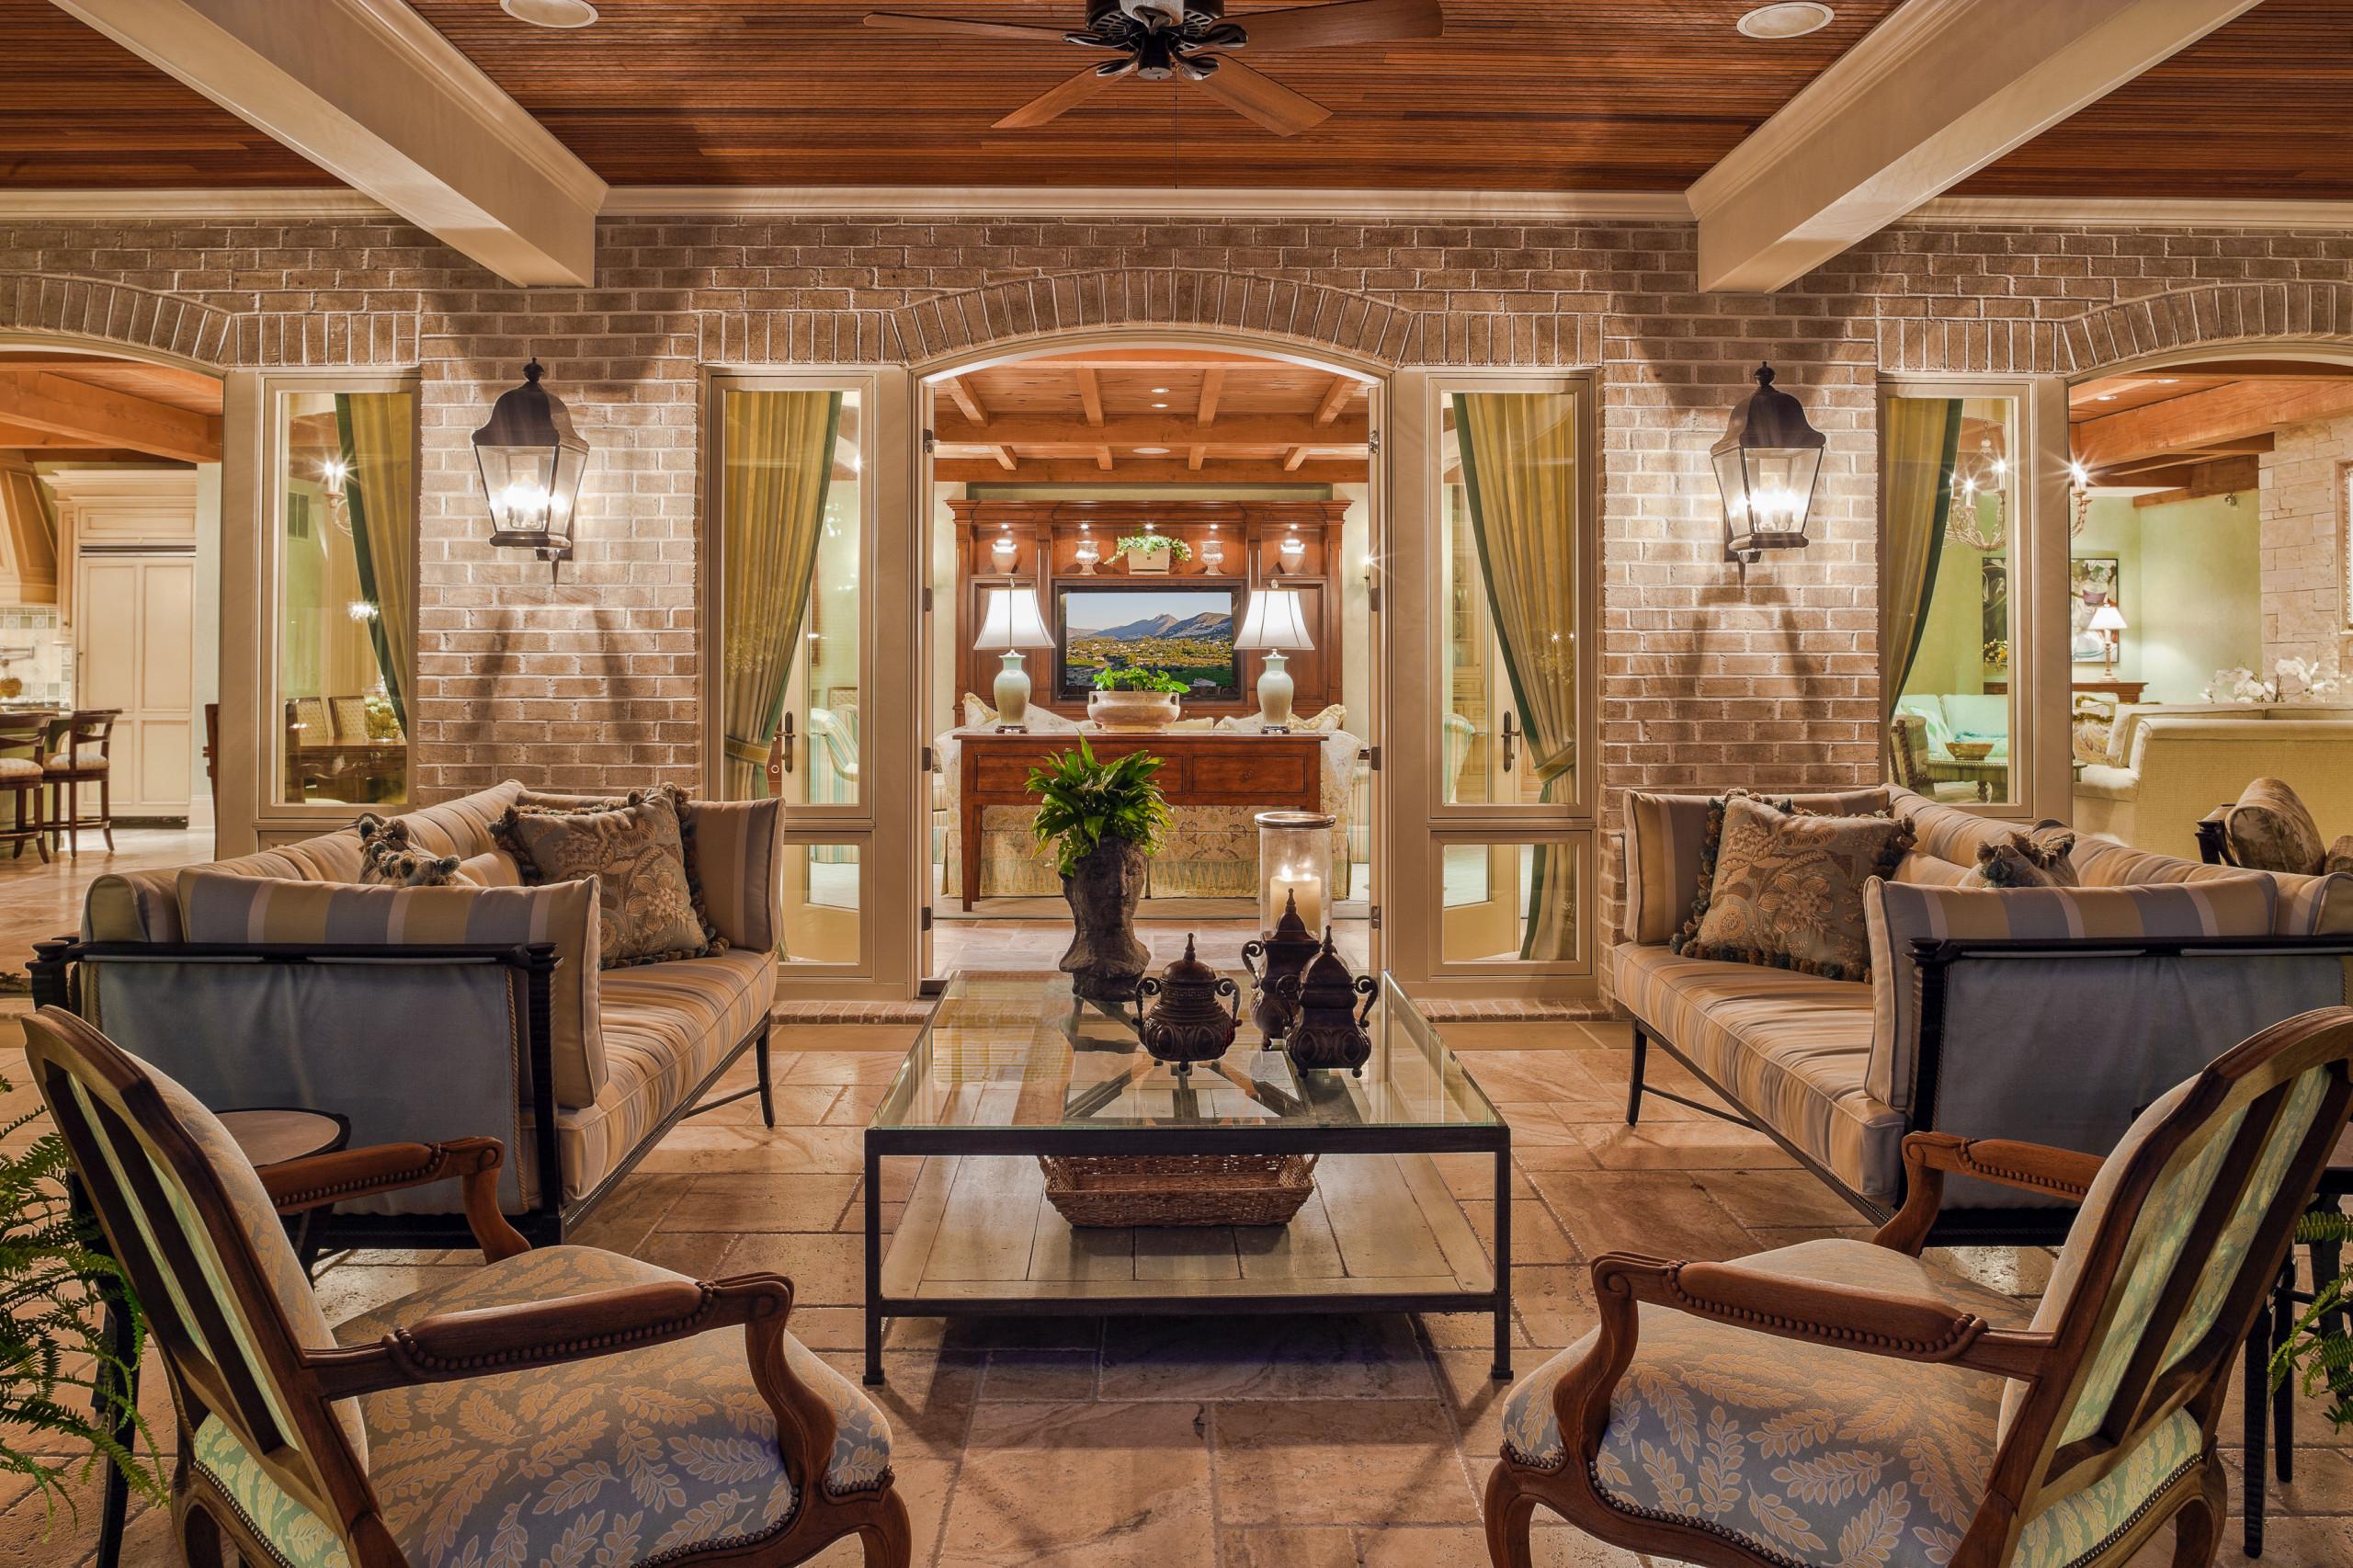 Certified Luxury Builders - J Paul Builders - Stevenson, MD - Custom Home